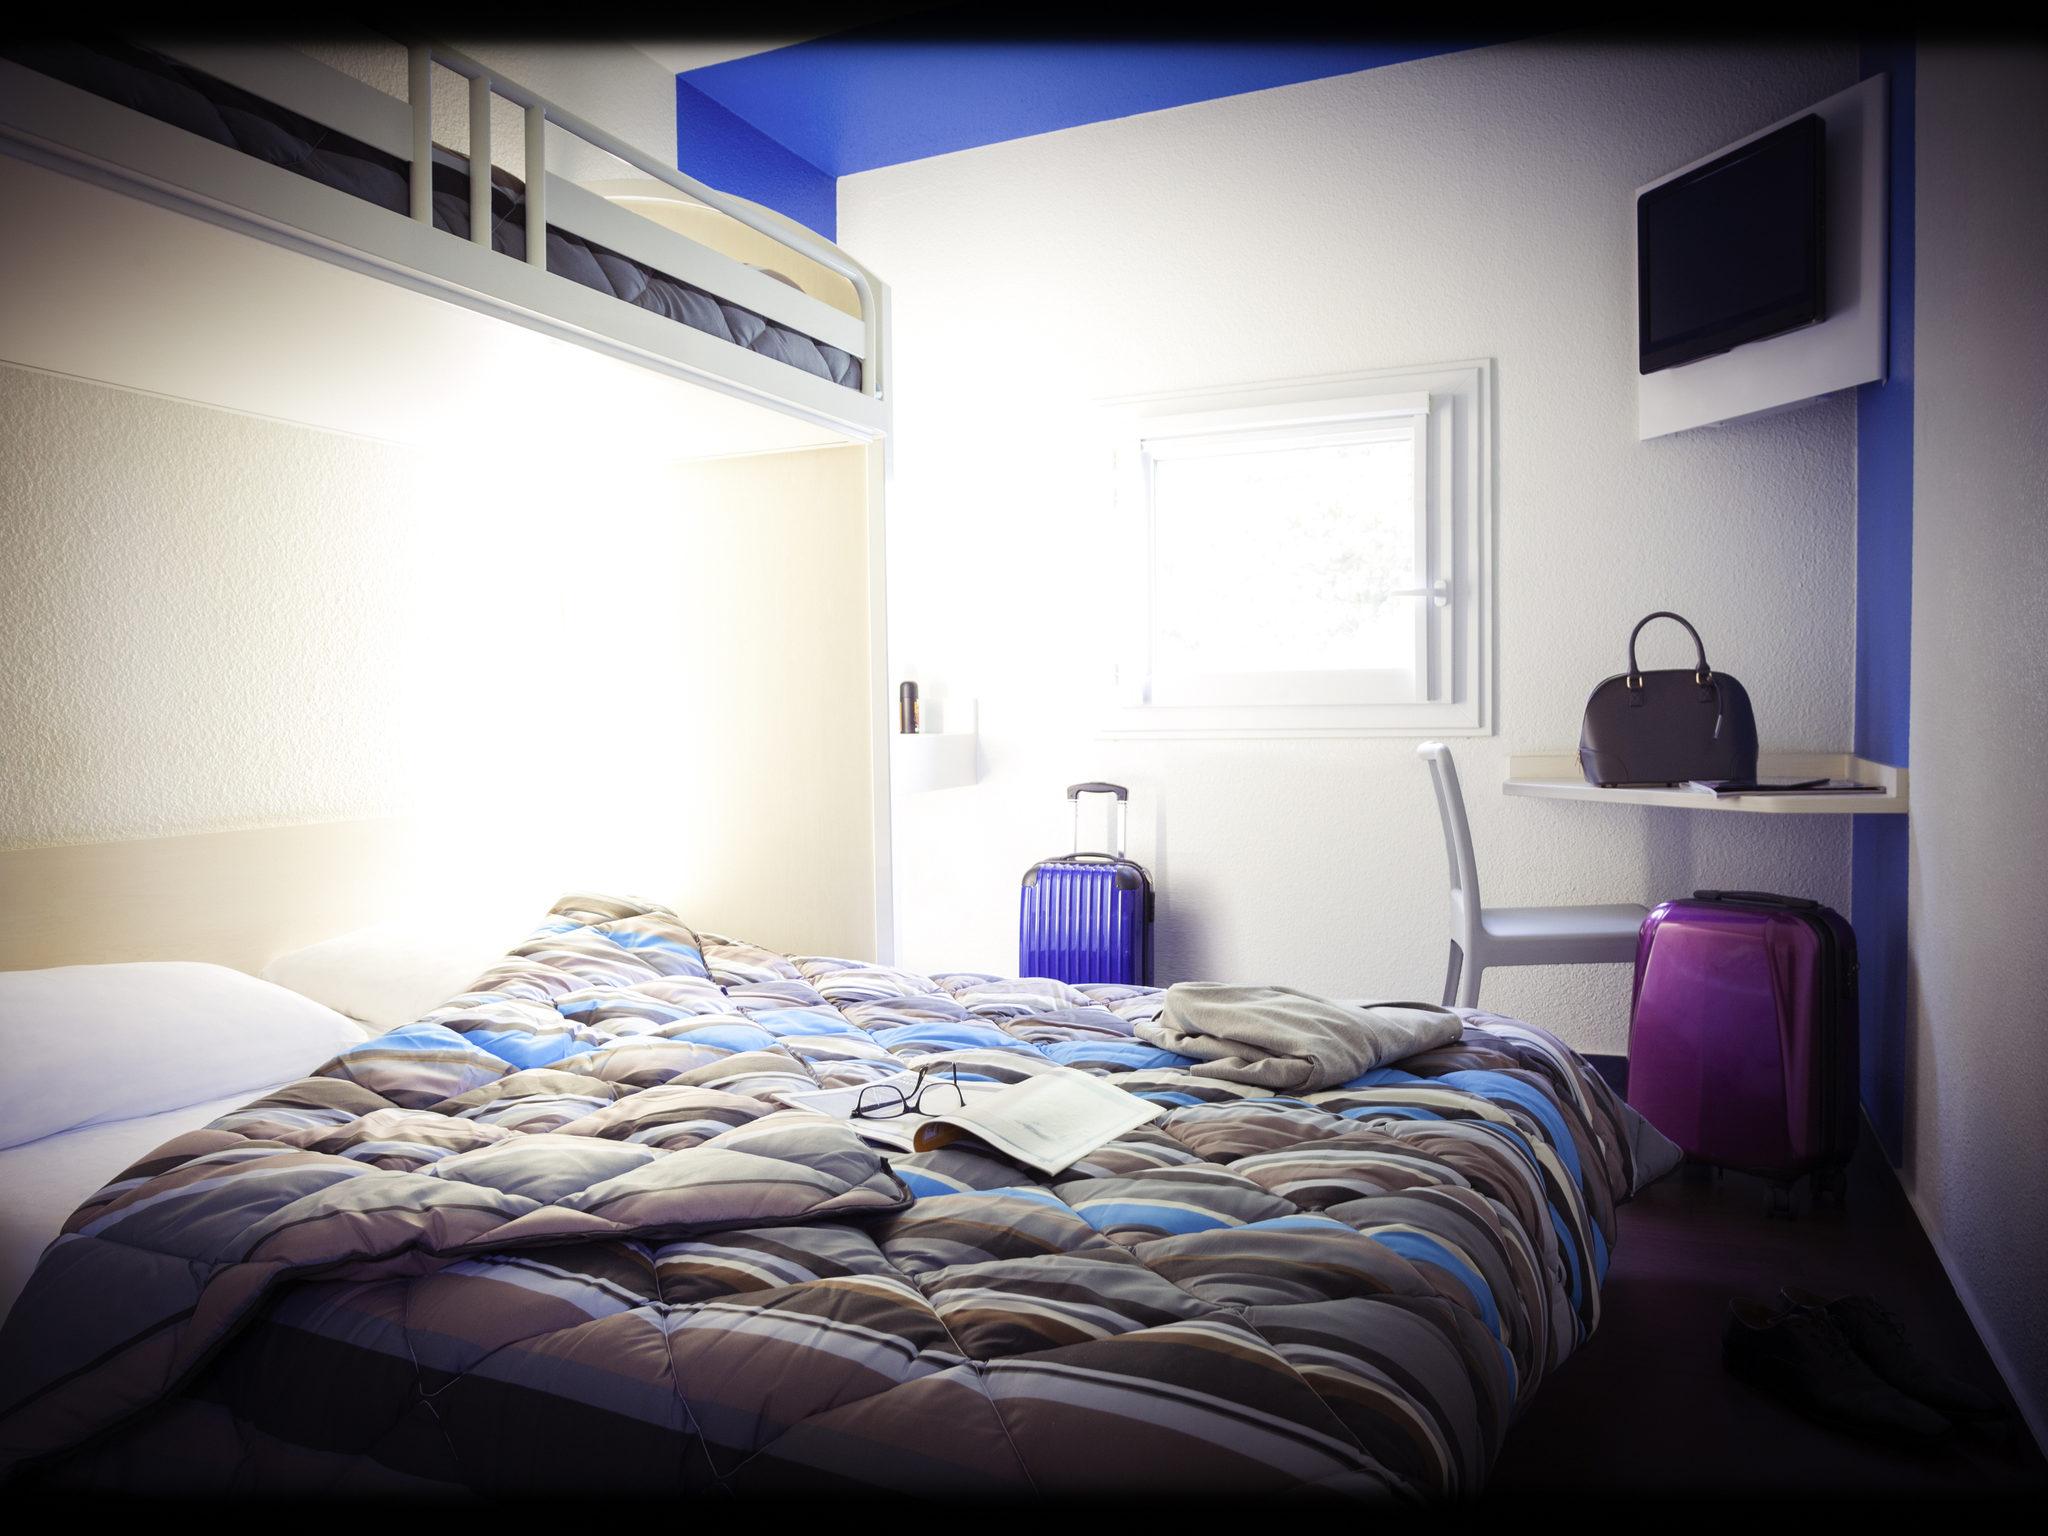 โรงแรม – hotelF1 Dunkerque Grande-Synthe